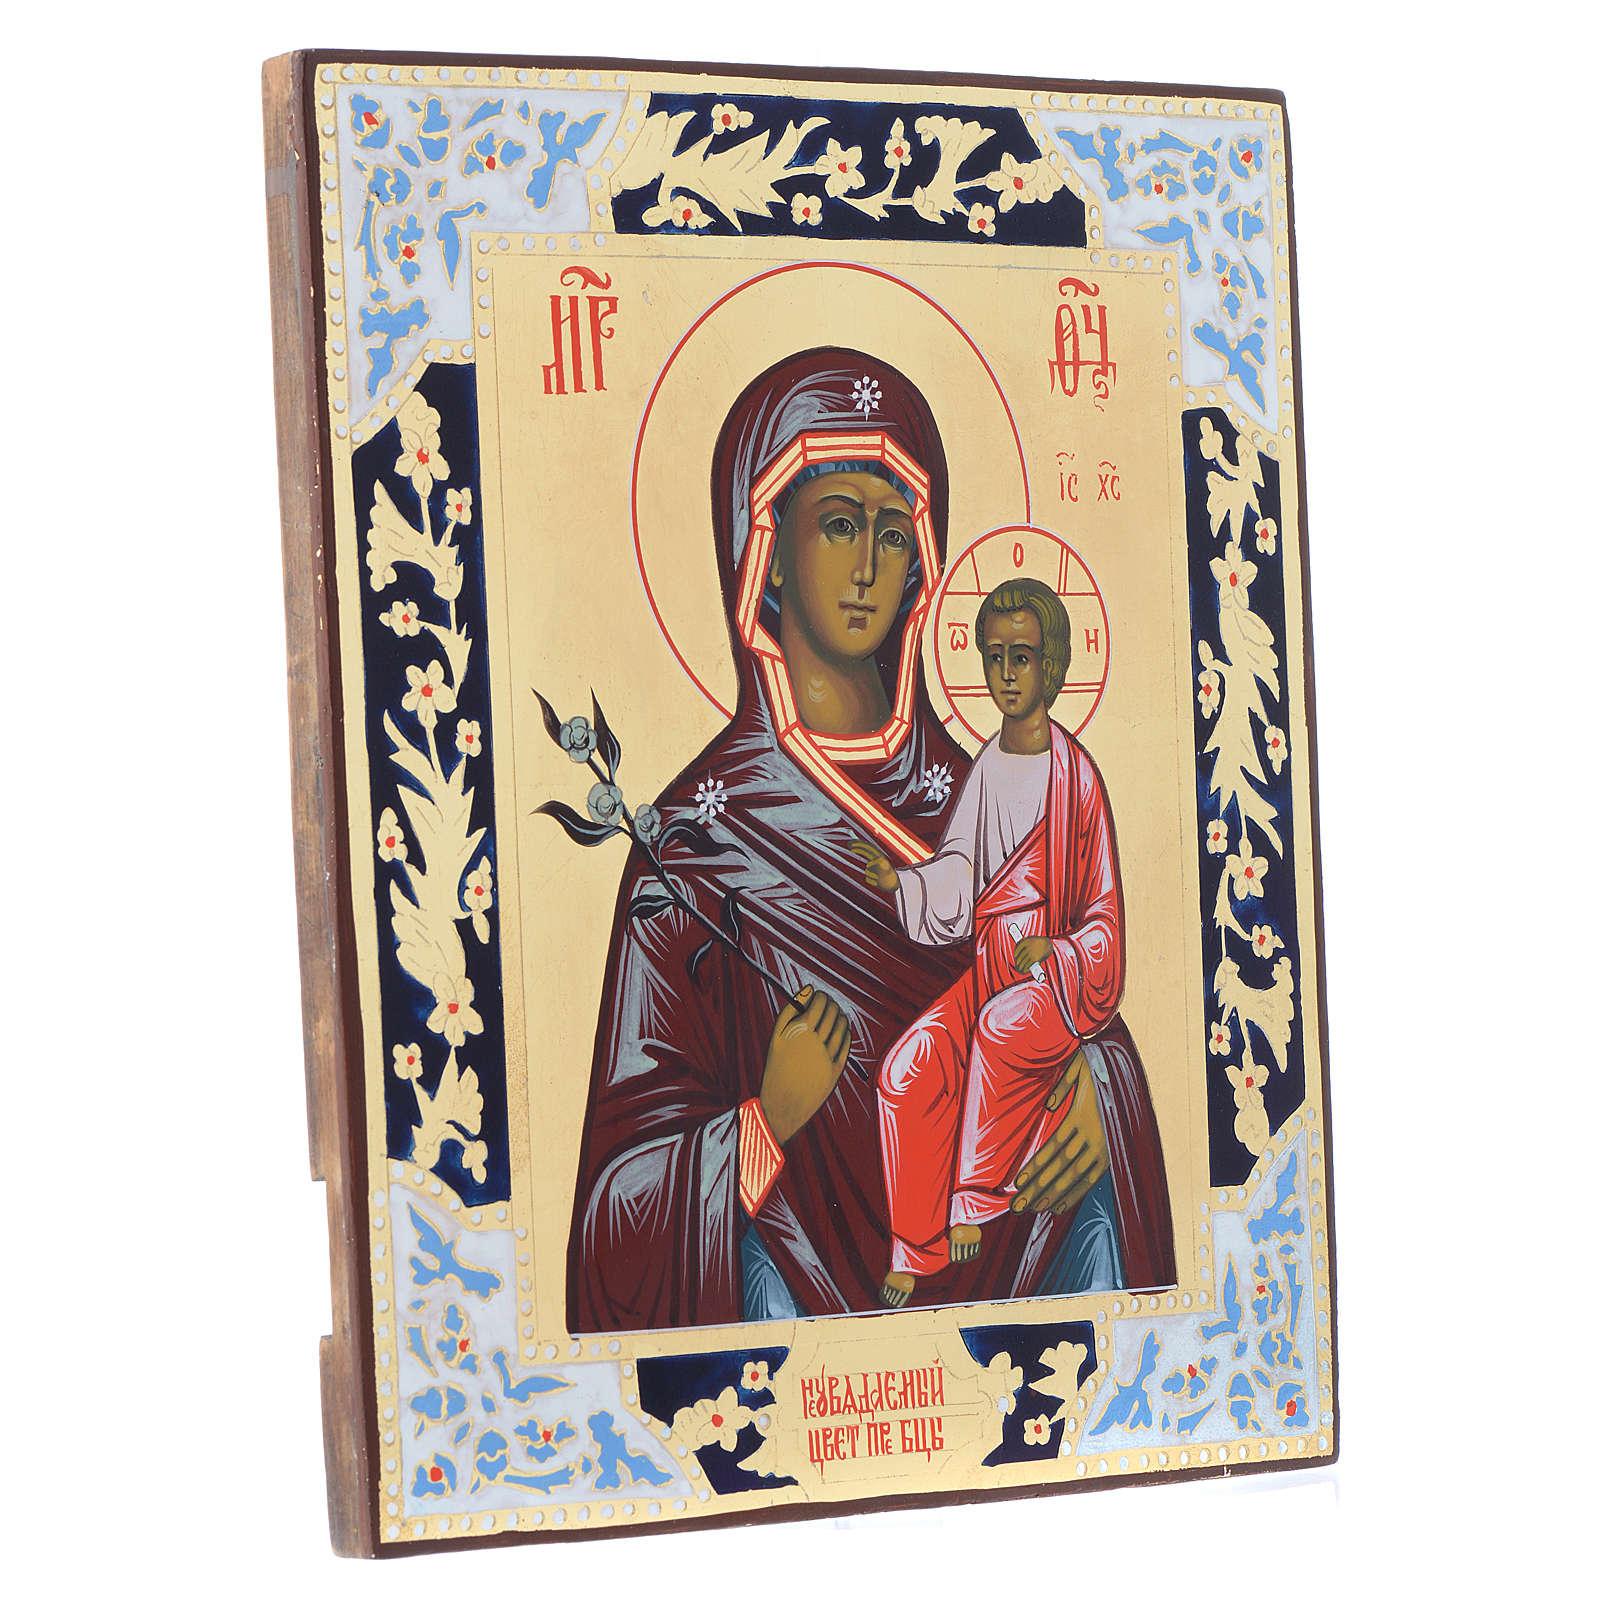 Ikona 'Madonna kwiat który nie więdnie' na starej desce 4